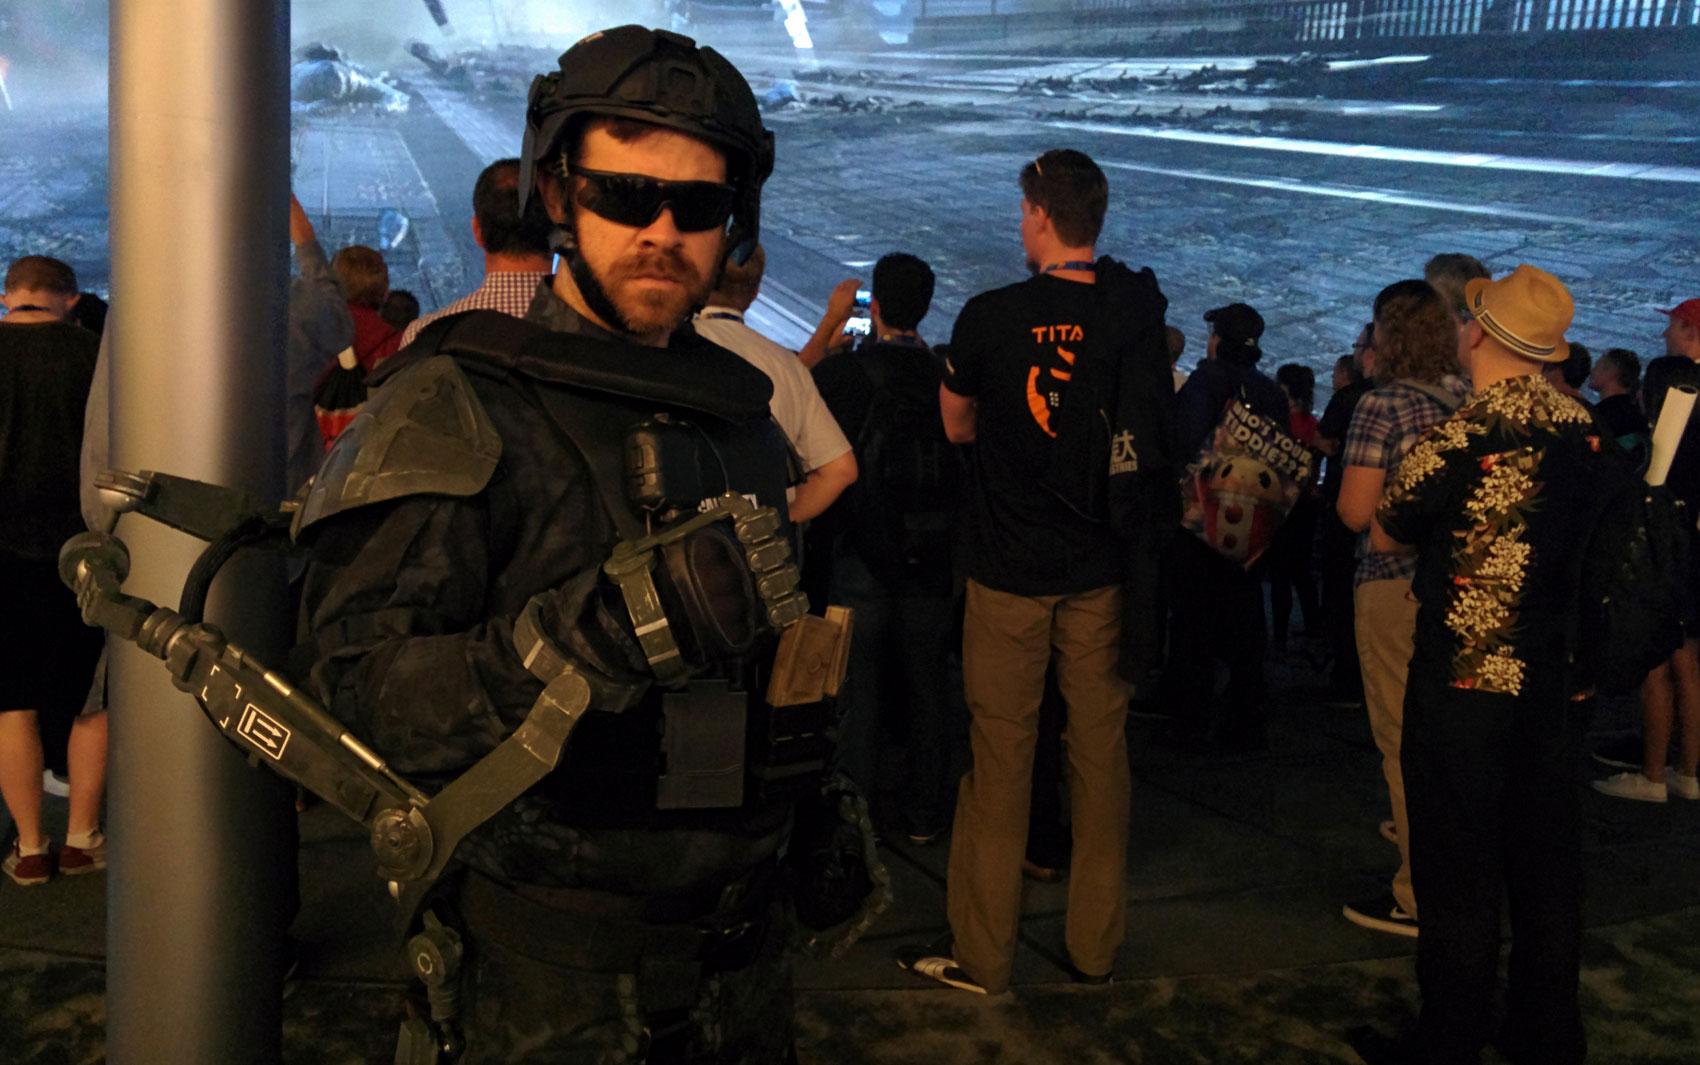 1/06 - Estande da Activision tem 'personagens' com exoesqueletos de 'Call of Duty: Advanced Warfare'